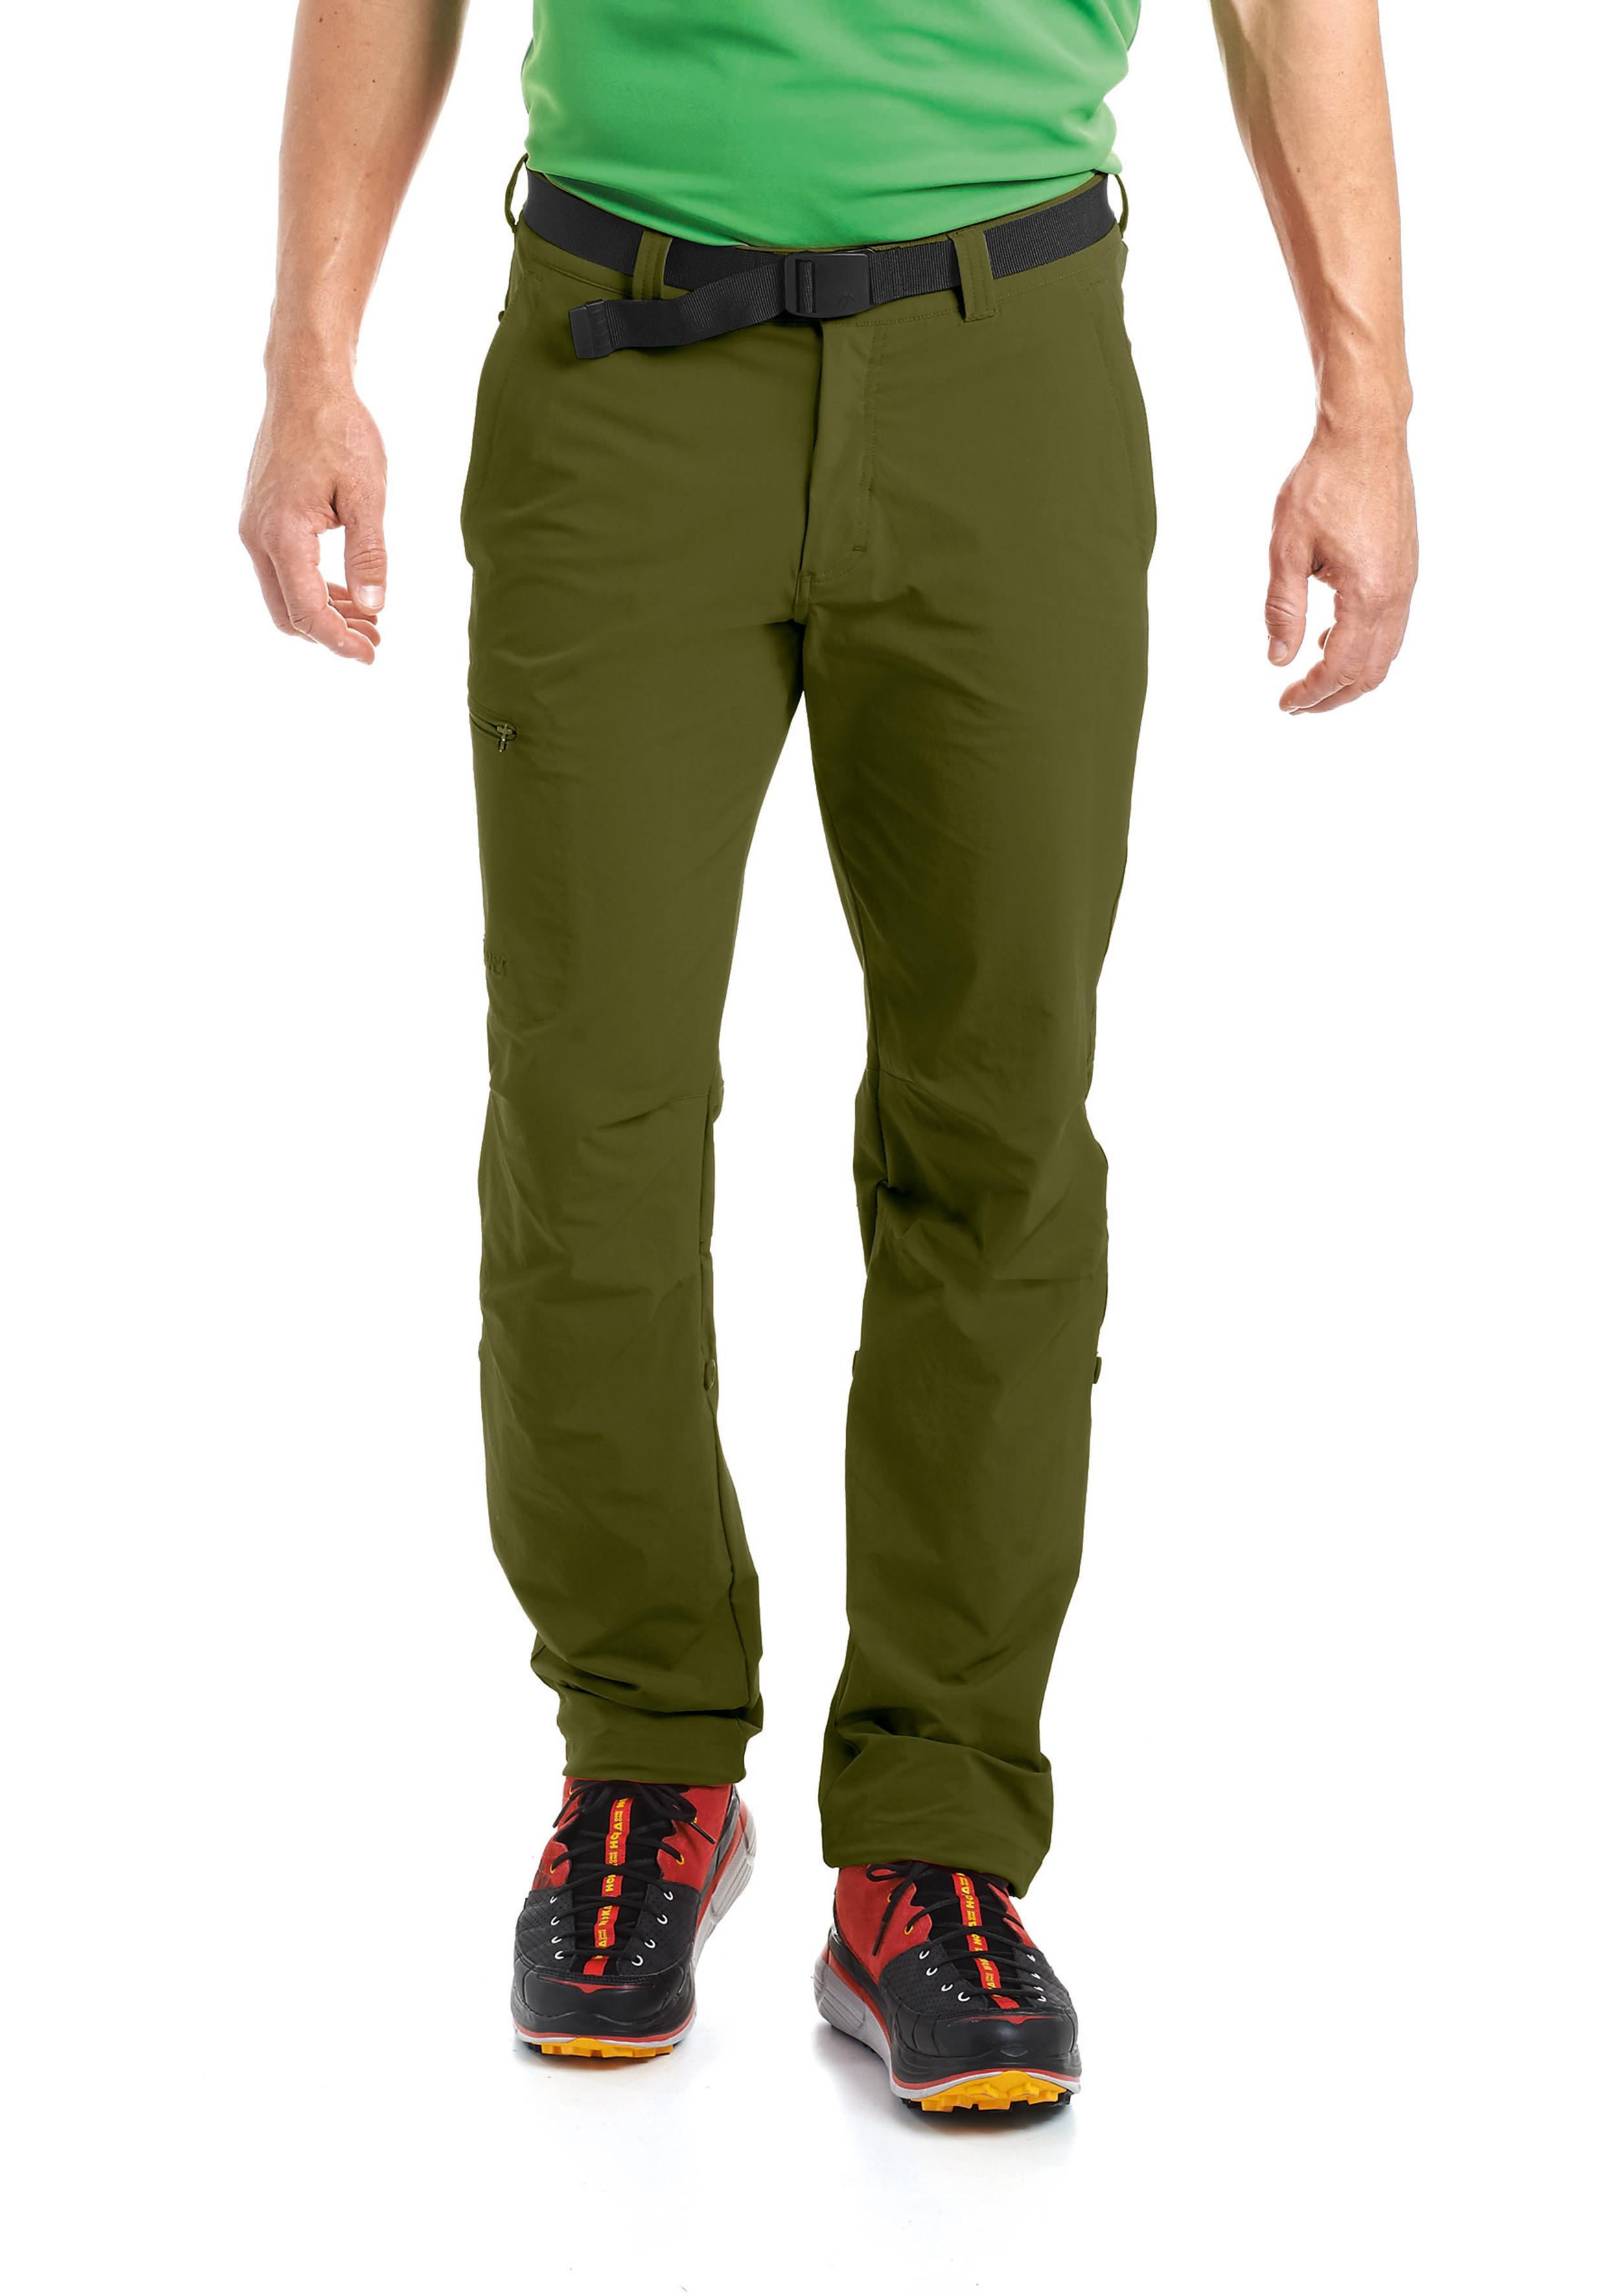 Брюки для активного отдыха MAIER 2018 Nil M dark green, Одежда для зимних видов спорта - арт. 1042250410